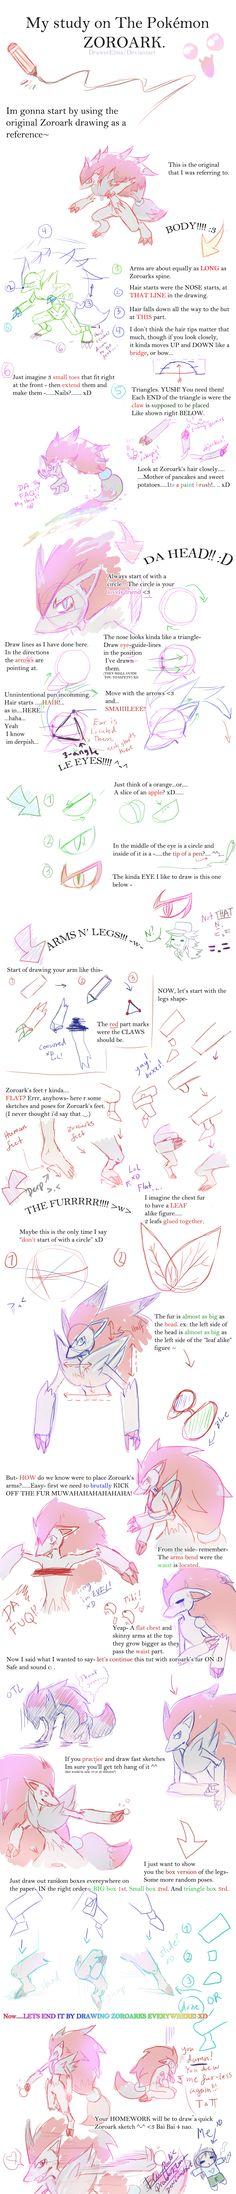 How+to+Draw+Zoroark-+DrawerElma's+Study+by+DrawerElma.deviantart.com+on+@deviantART